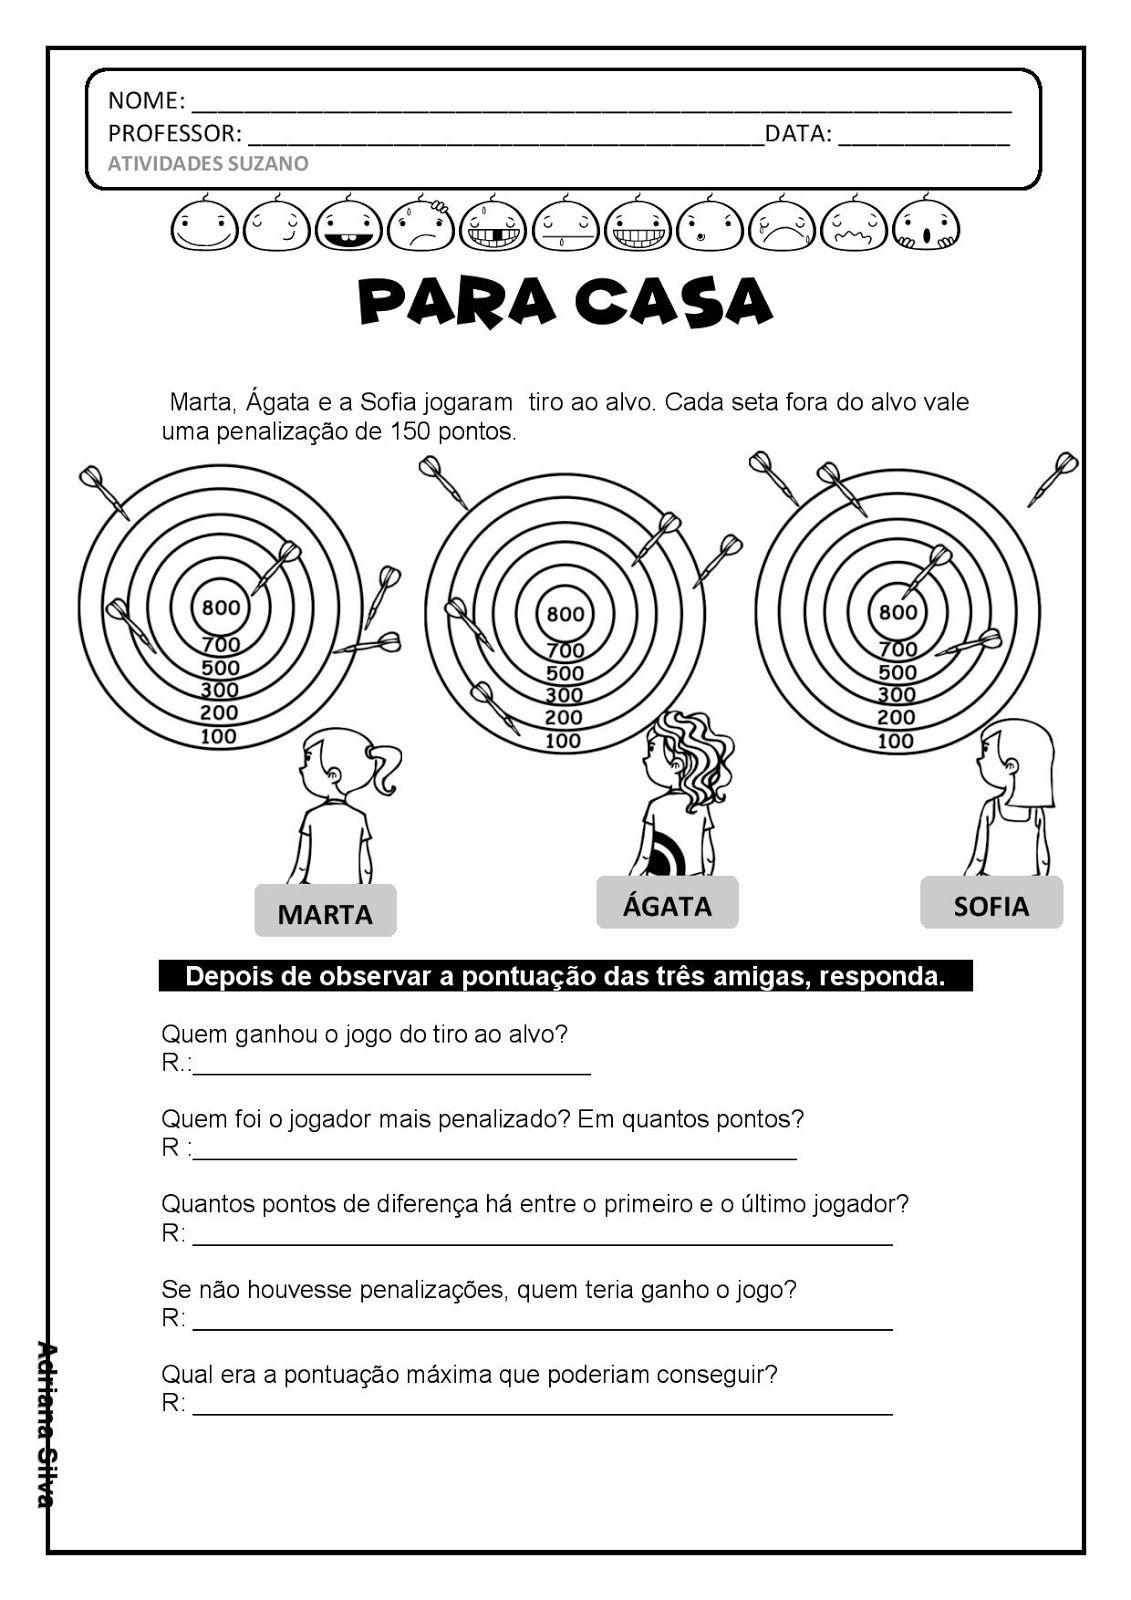 Pin De Petuska Ramos Em Atividade Do Grupo 5 Atividades De